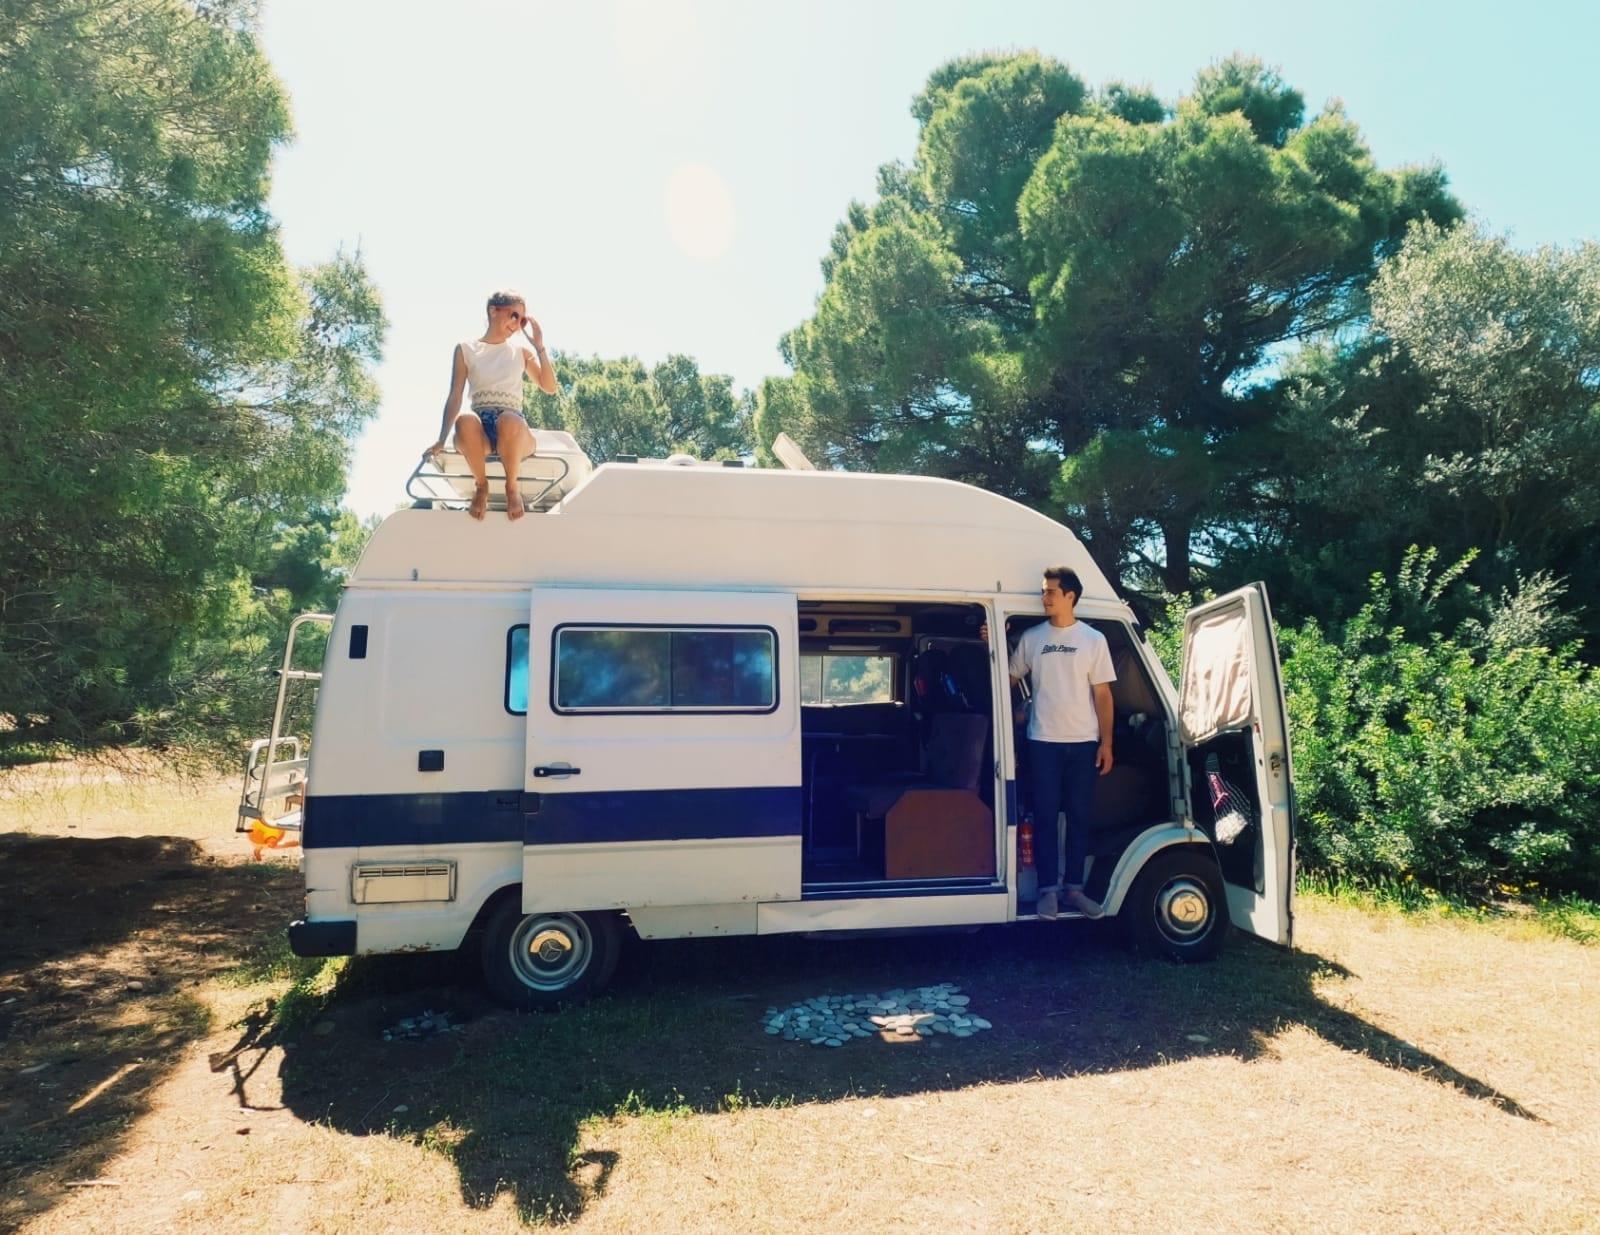 camping-car-van-amenage-oldschool-vanlife-mercedes-207-smile-james-cook-westfalia